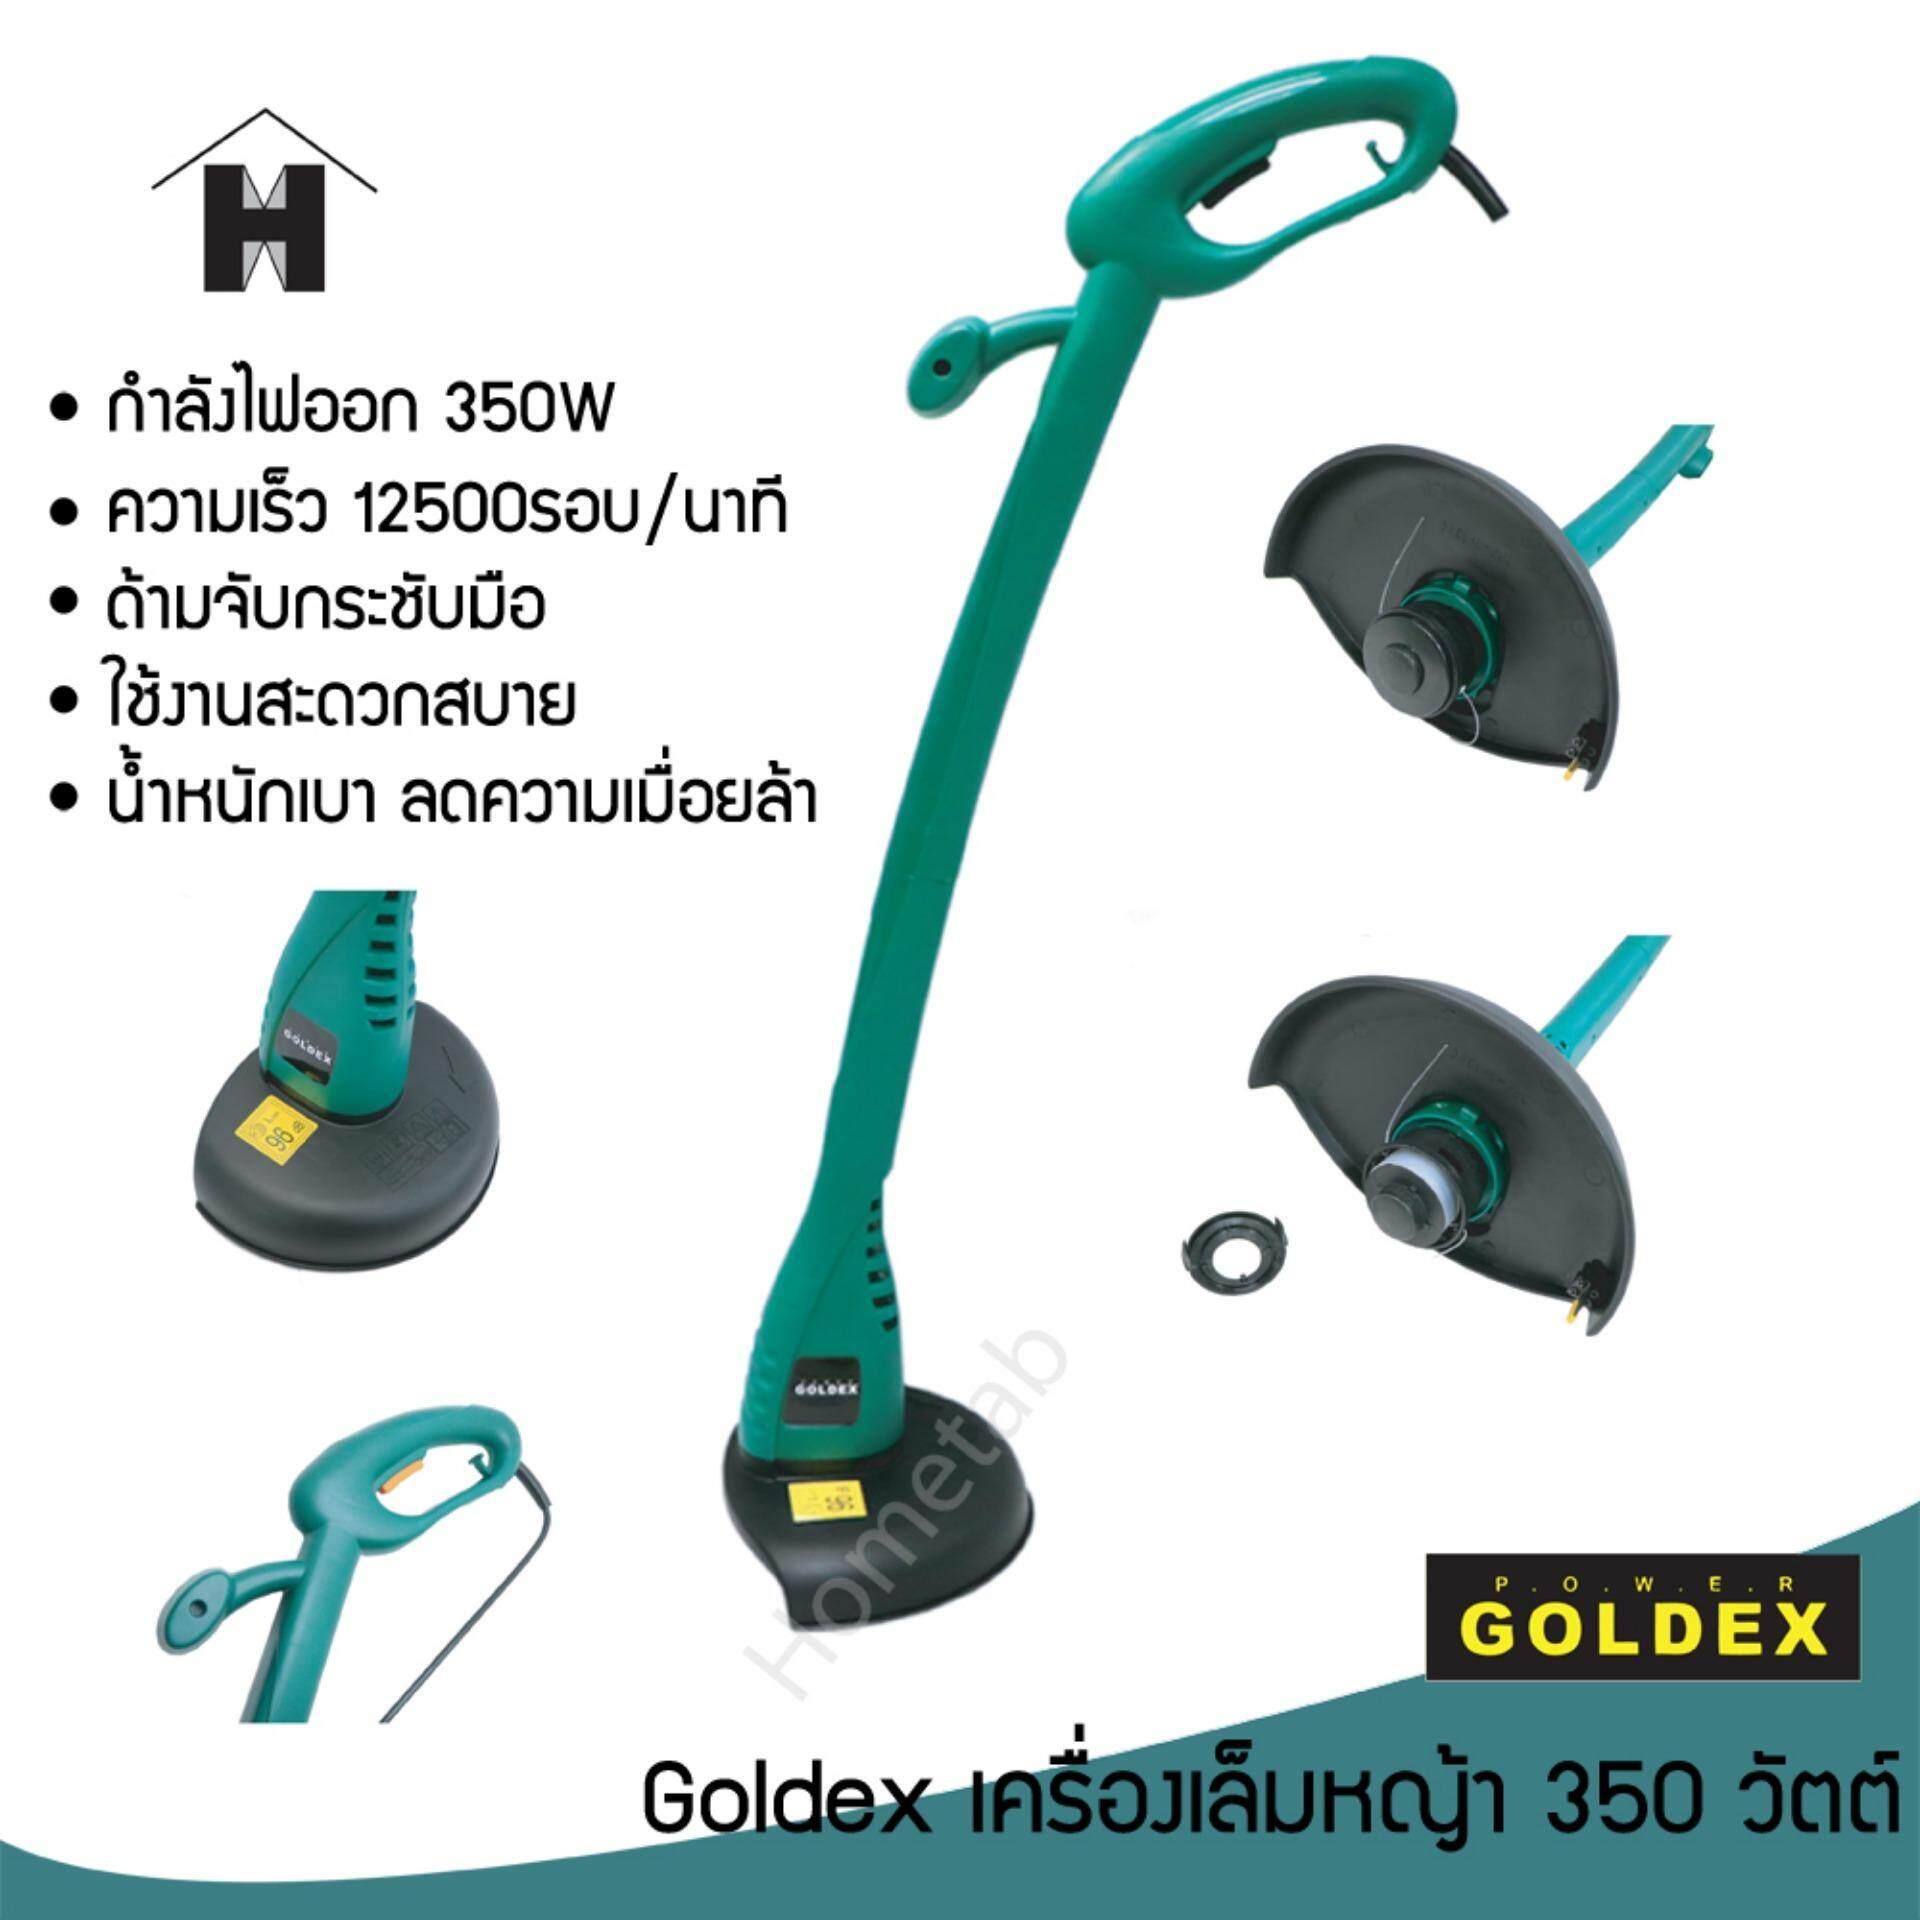 Goldex เครื่องเล็มหญ้า 350 วัตต์ รุ่น 92027 (สีเขียว).